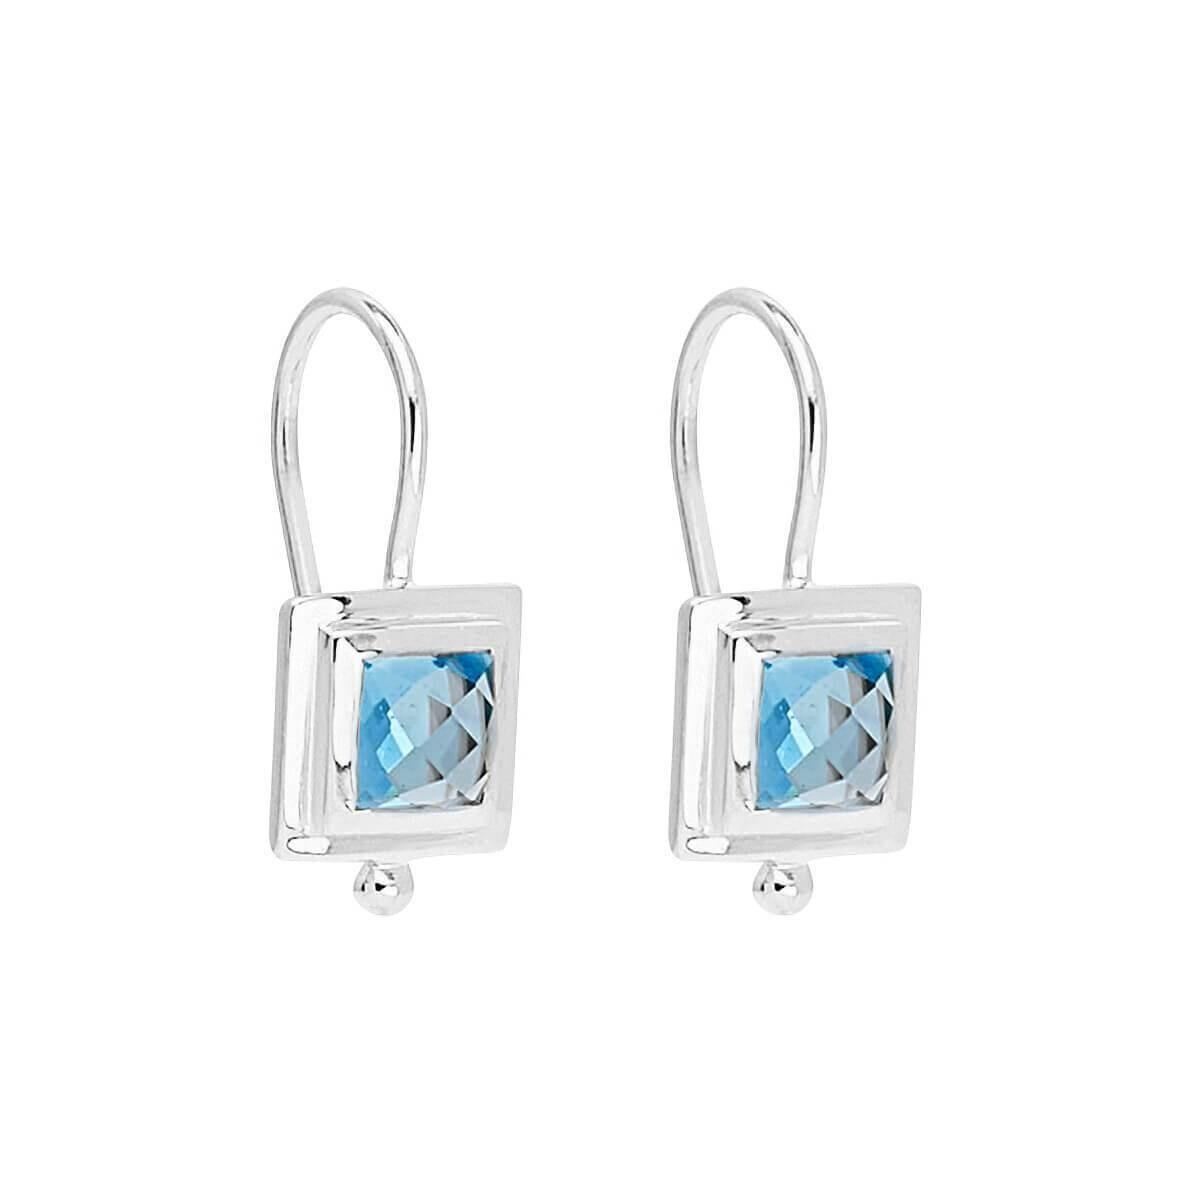 Najo - Desire Silver Square Blue Topaz Earring